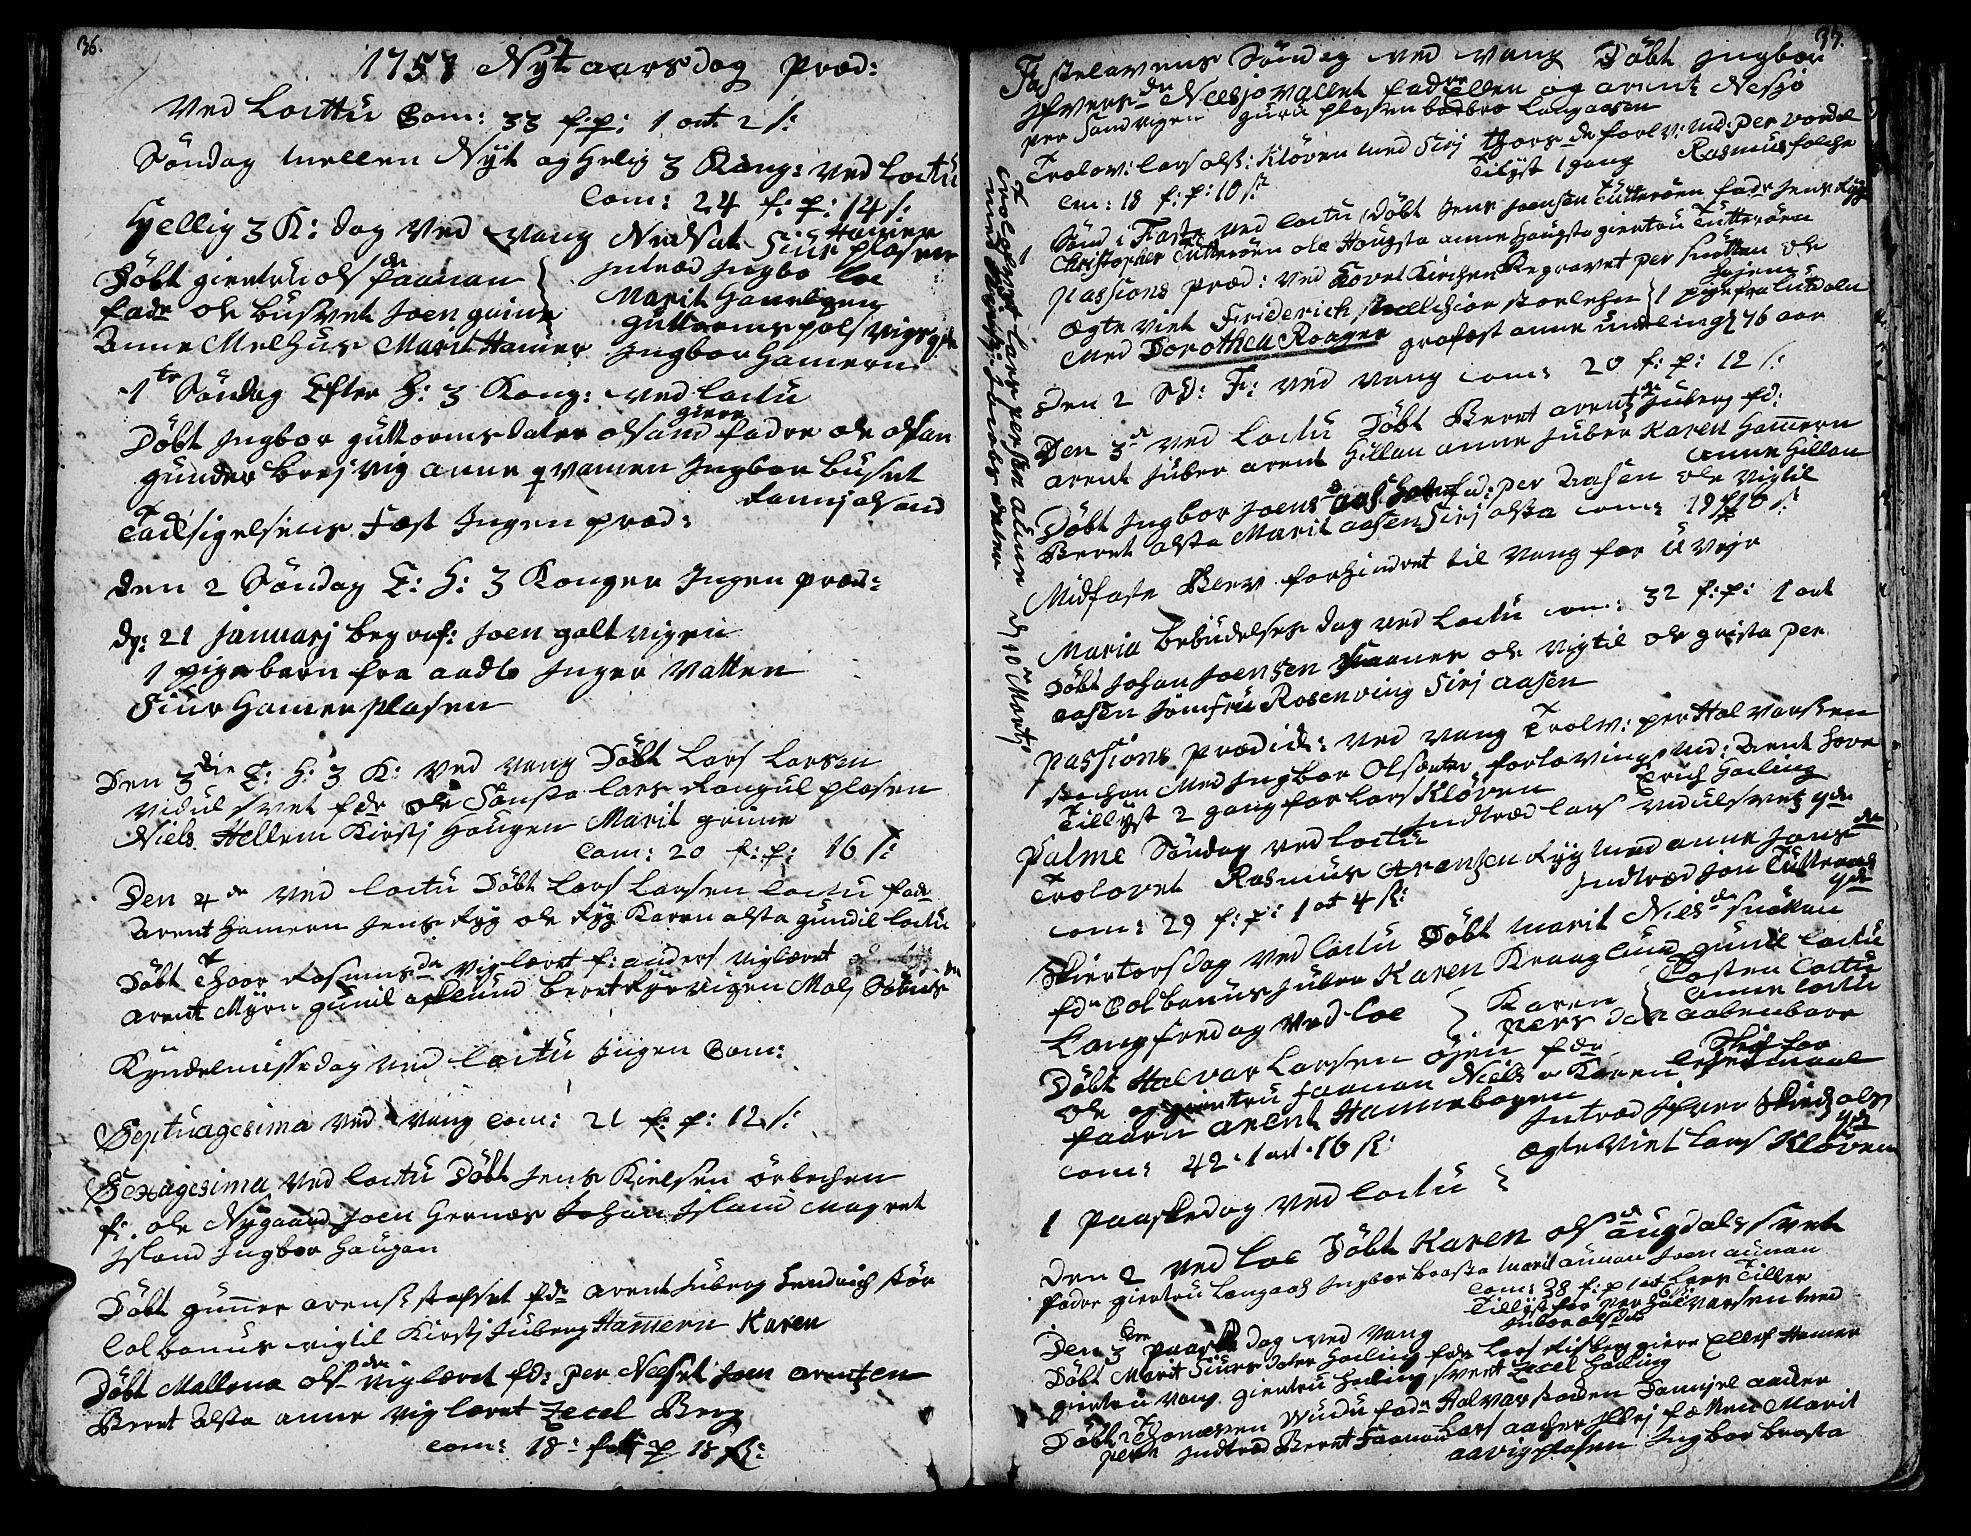 SAT, Ministerialprotokoller, klokkerbøker og fødselsregistre - Nord-Trøndelag, 713/L0109: Ministerialbok nr. 713A01, 1750-1778, s. 36-37